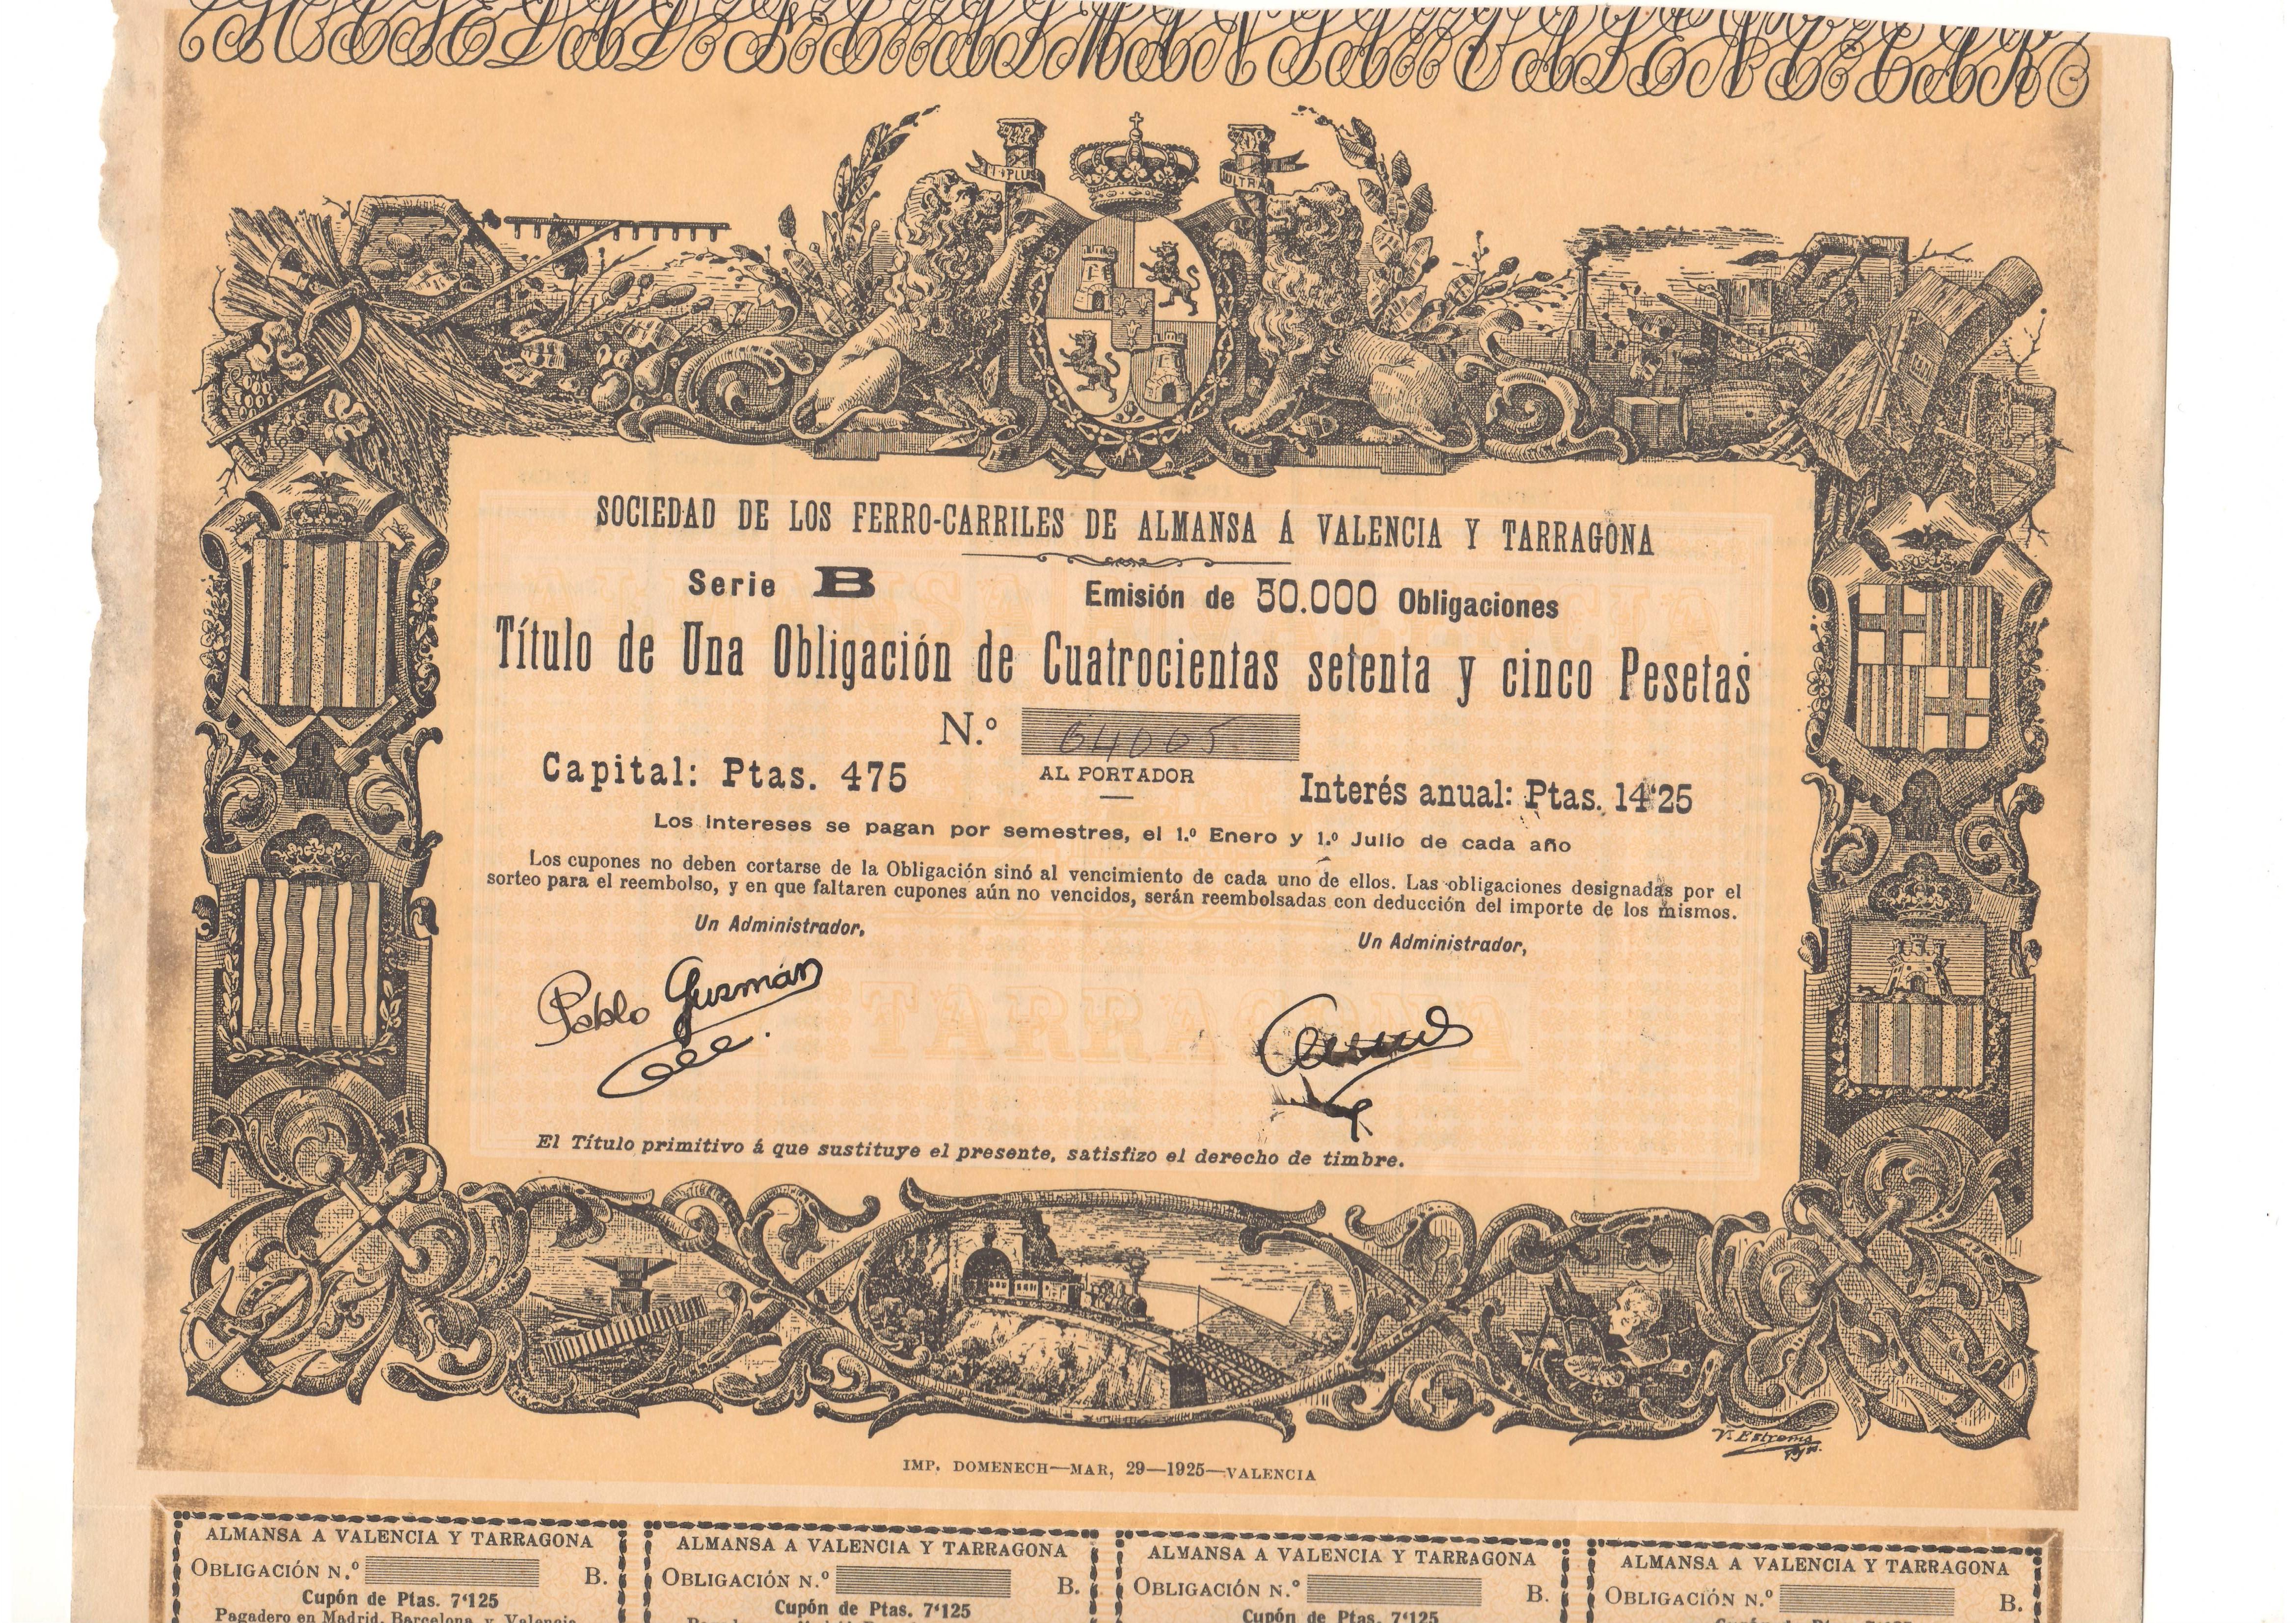 Sociedad de los Ferrocarriles de Almansa a Valencia y Tarragona